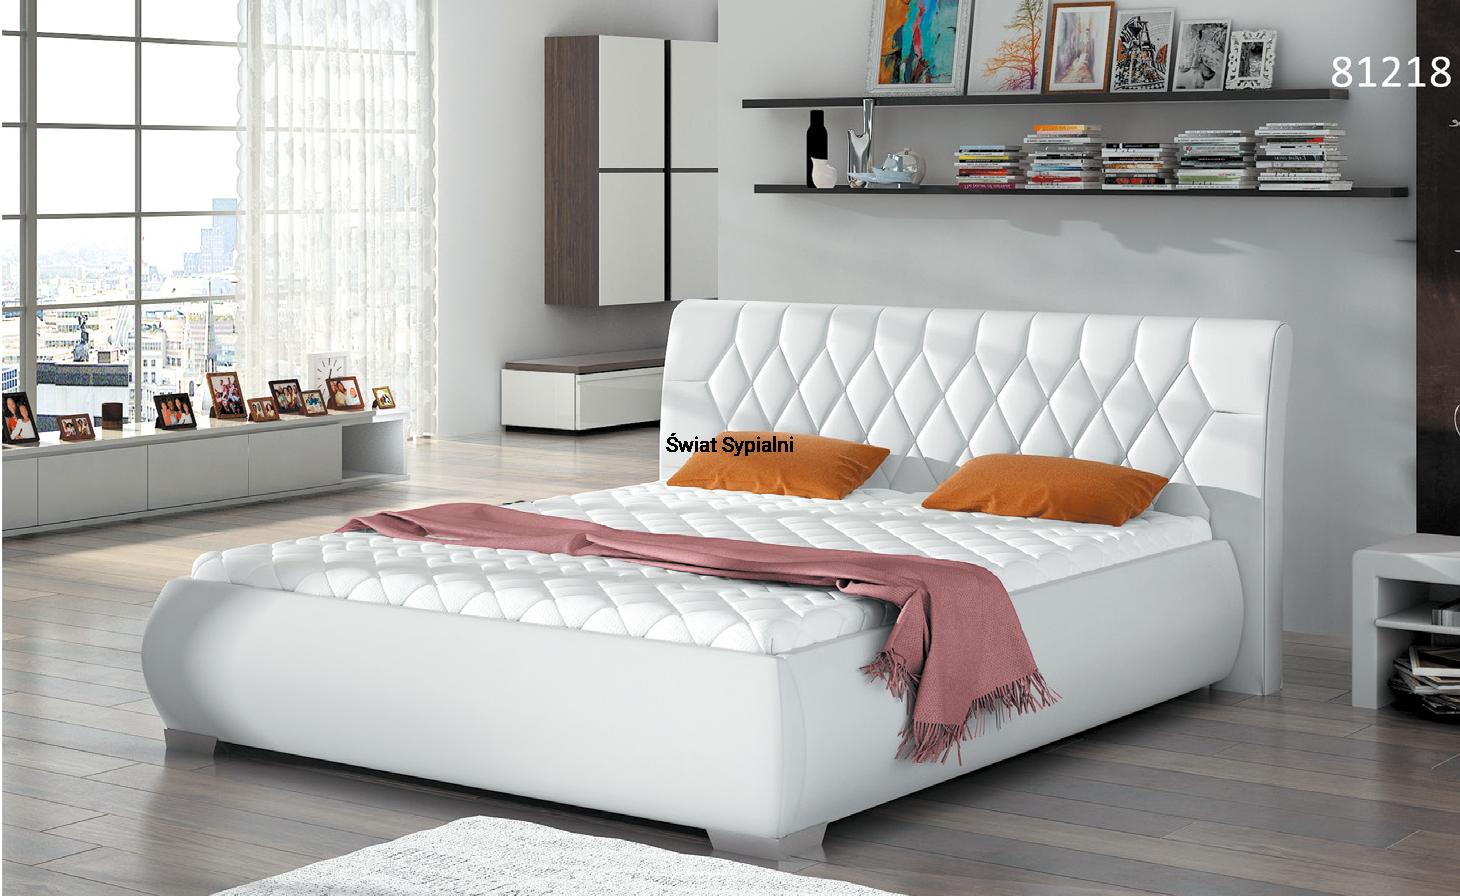 łóżko Tapicerowane 81218 Mk Foam Koło